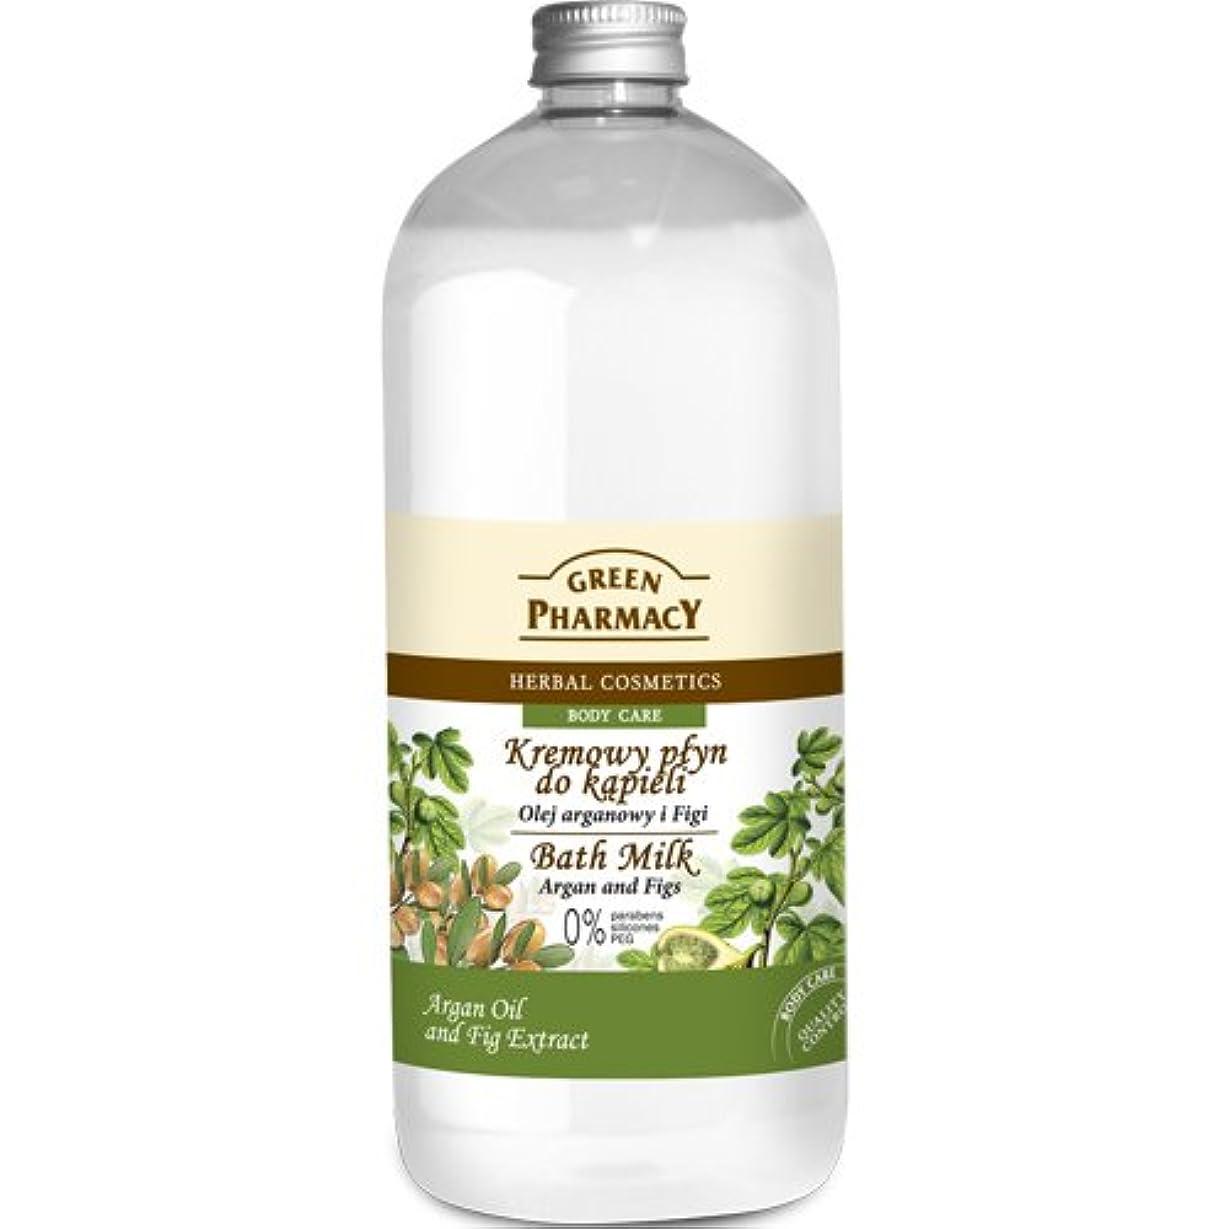 発見する反対に賠償Elfa Pharm Green Pharmacy グリーンファーマシー Bath Milk バスミルク Argan Oil&Figs